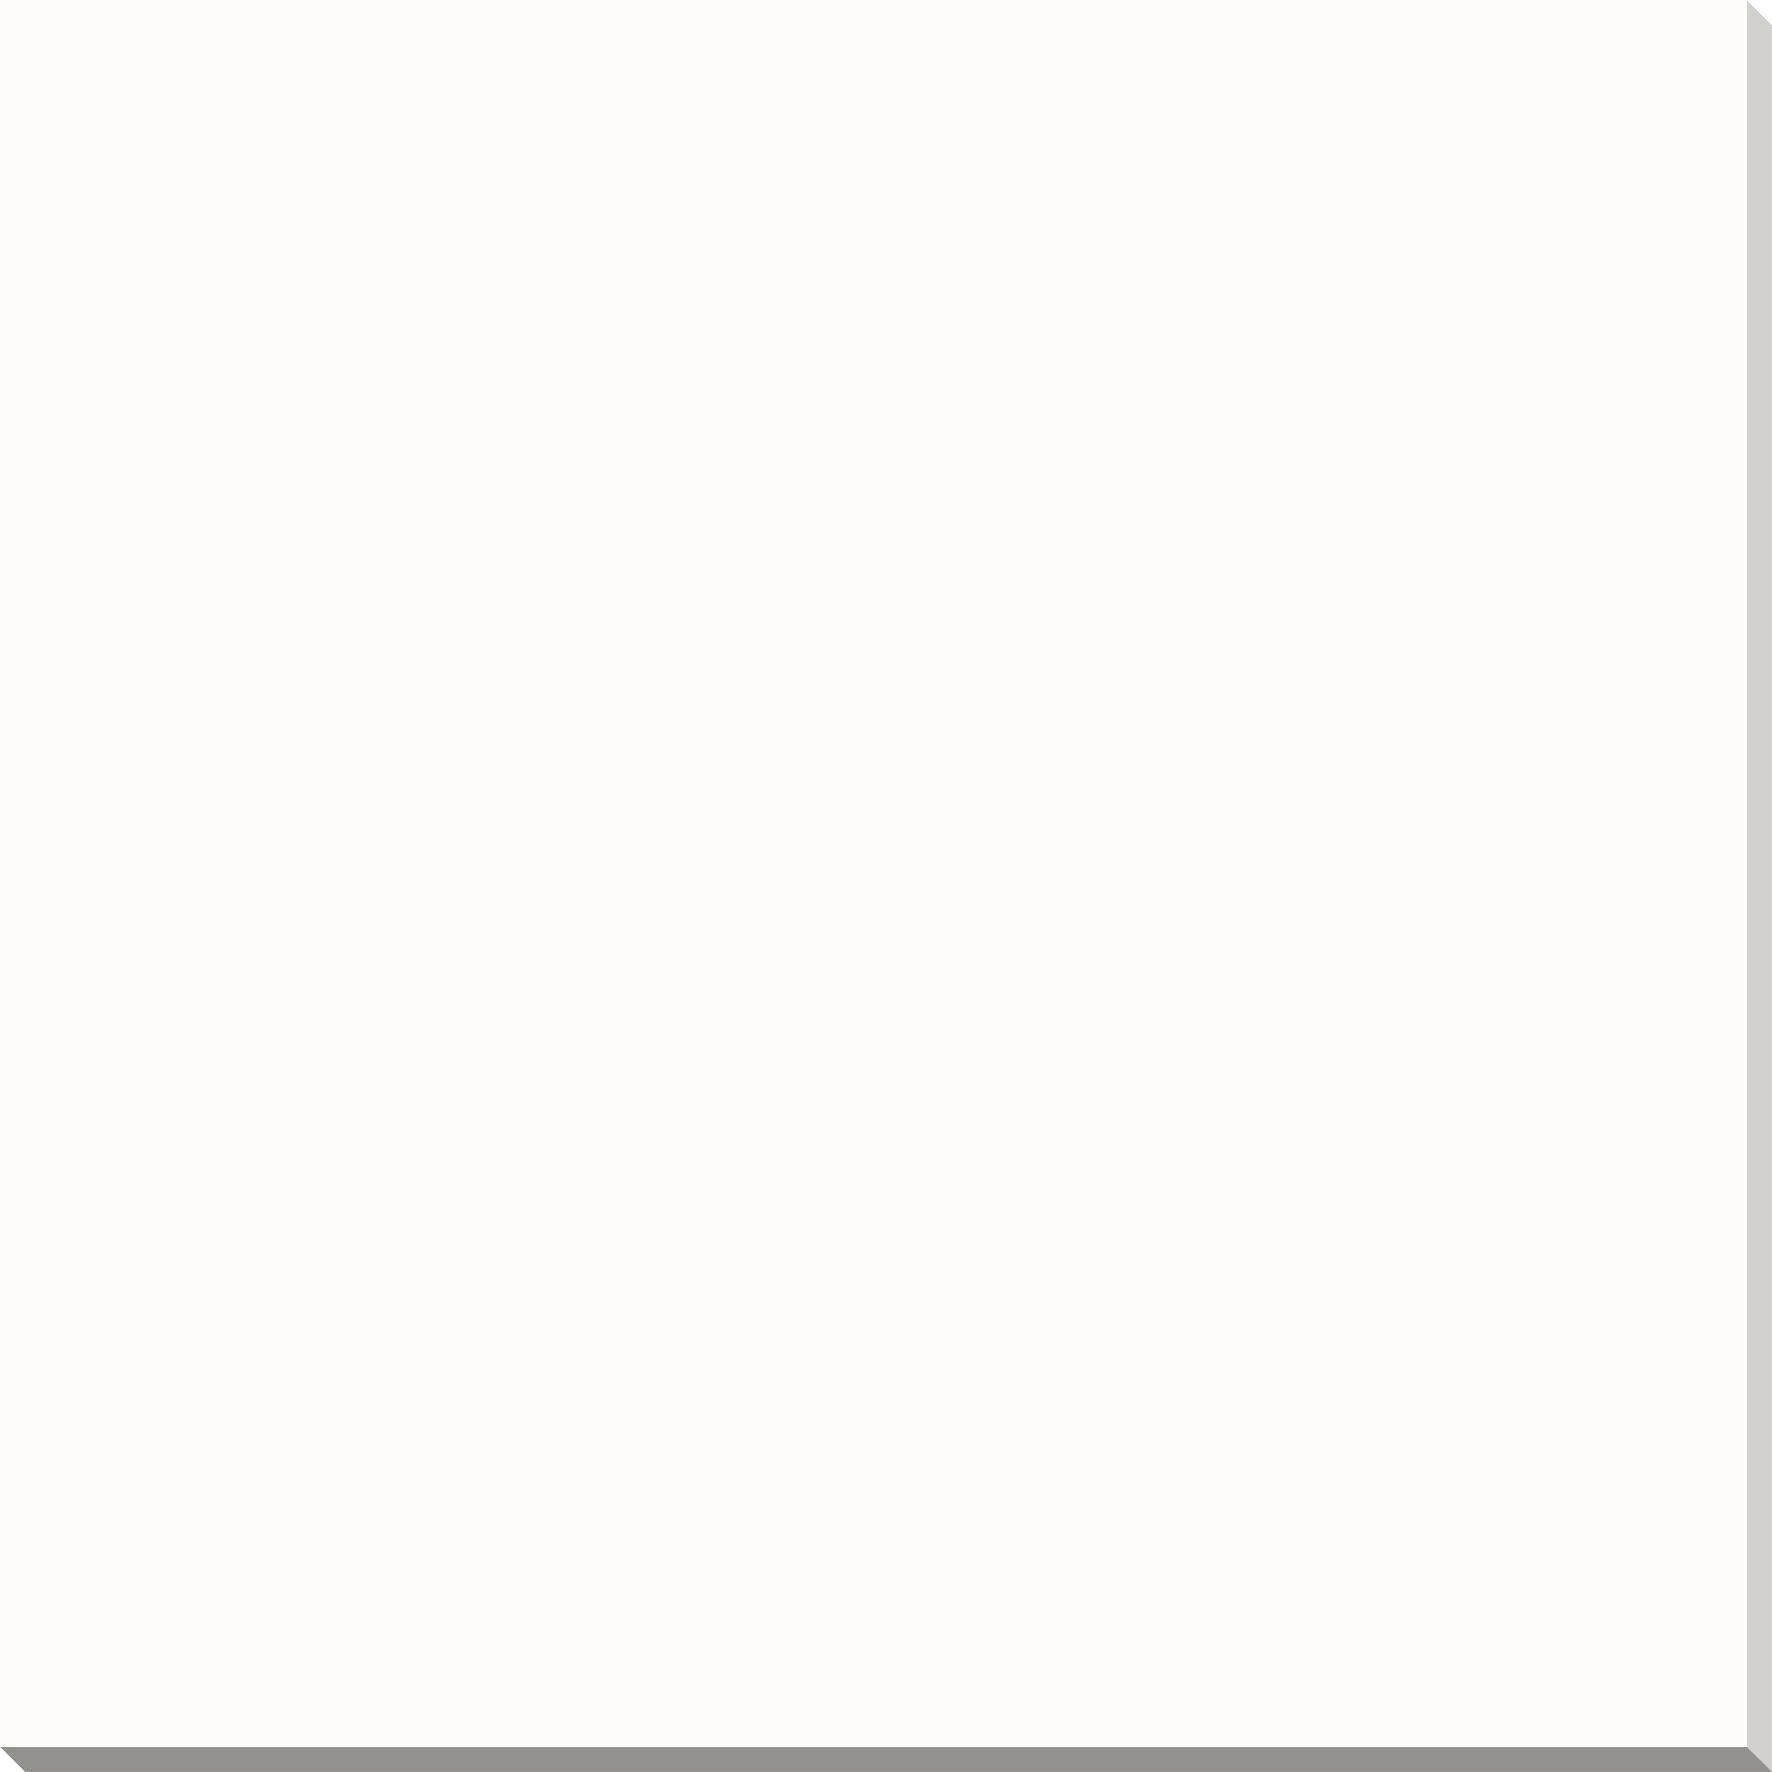 800*800 mm Polished Porcelain Tile  Floor/Wall  item No. BM8700